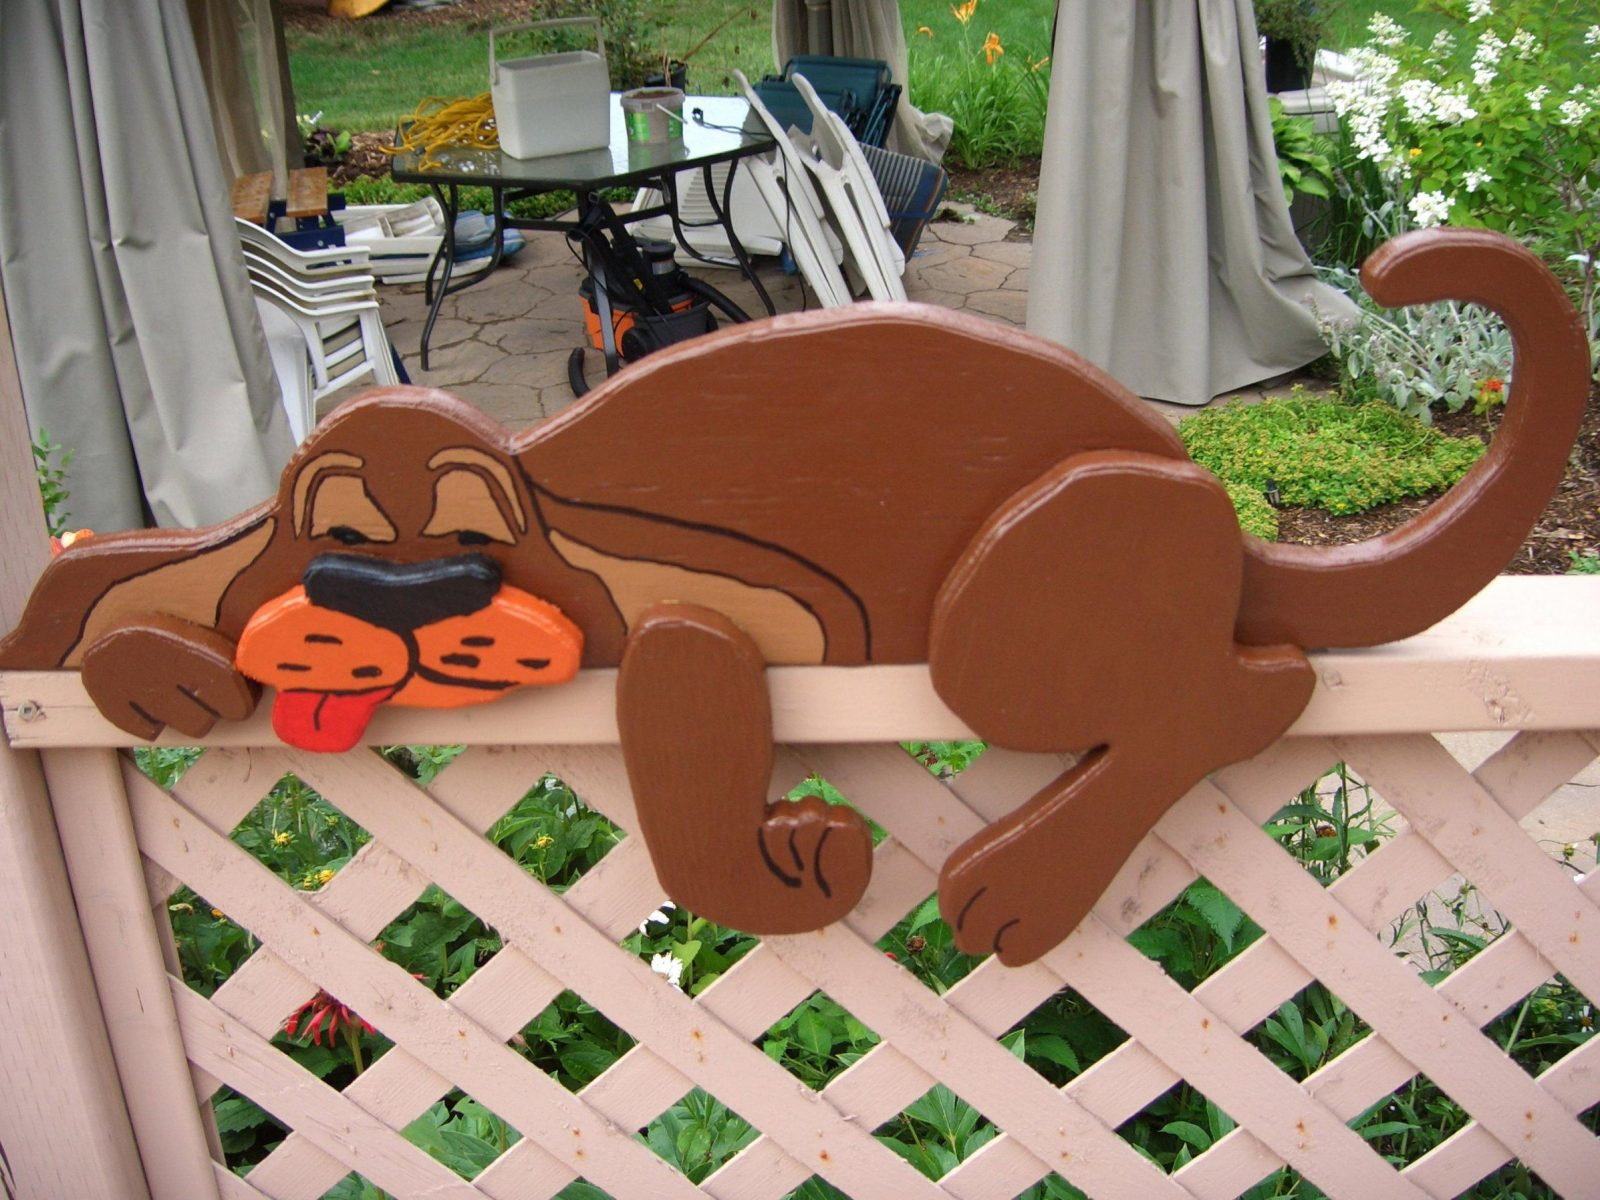 Holzfiguren Garten Chien Au Repos Dacco Extacrieur Fur Den Basteln von Holzfiguren Garten Selber Machen Bild